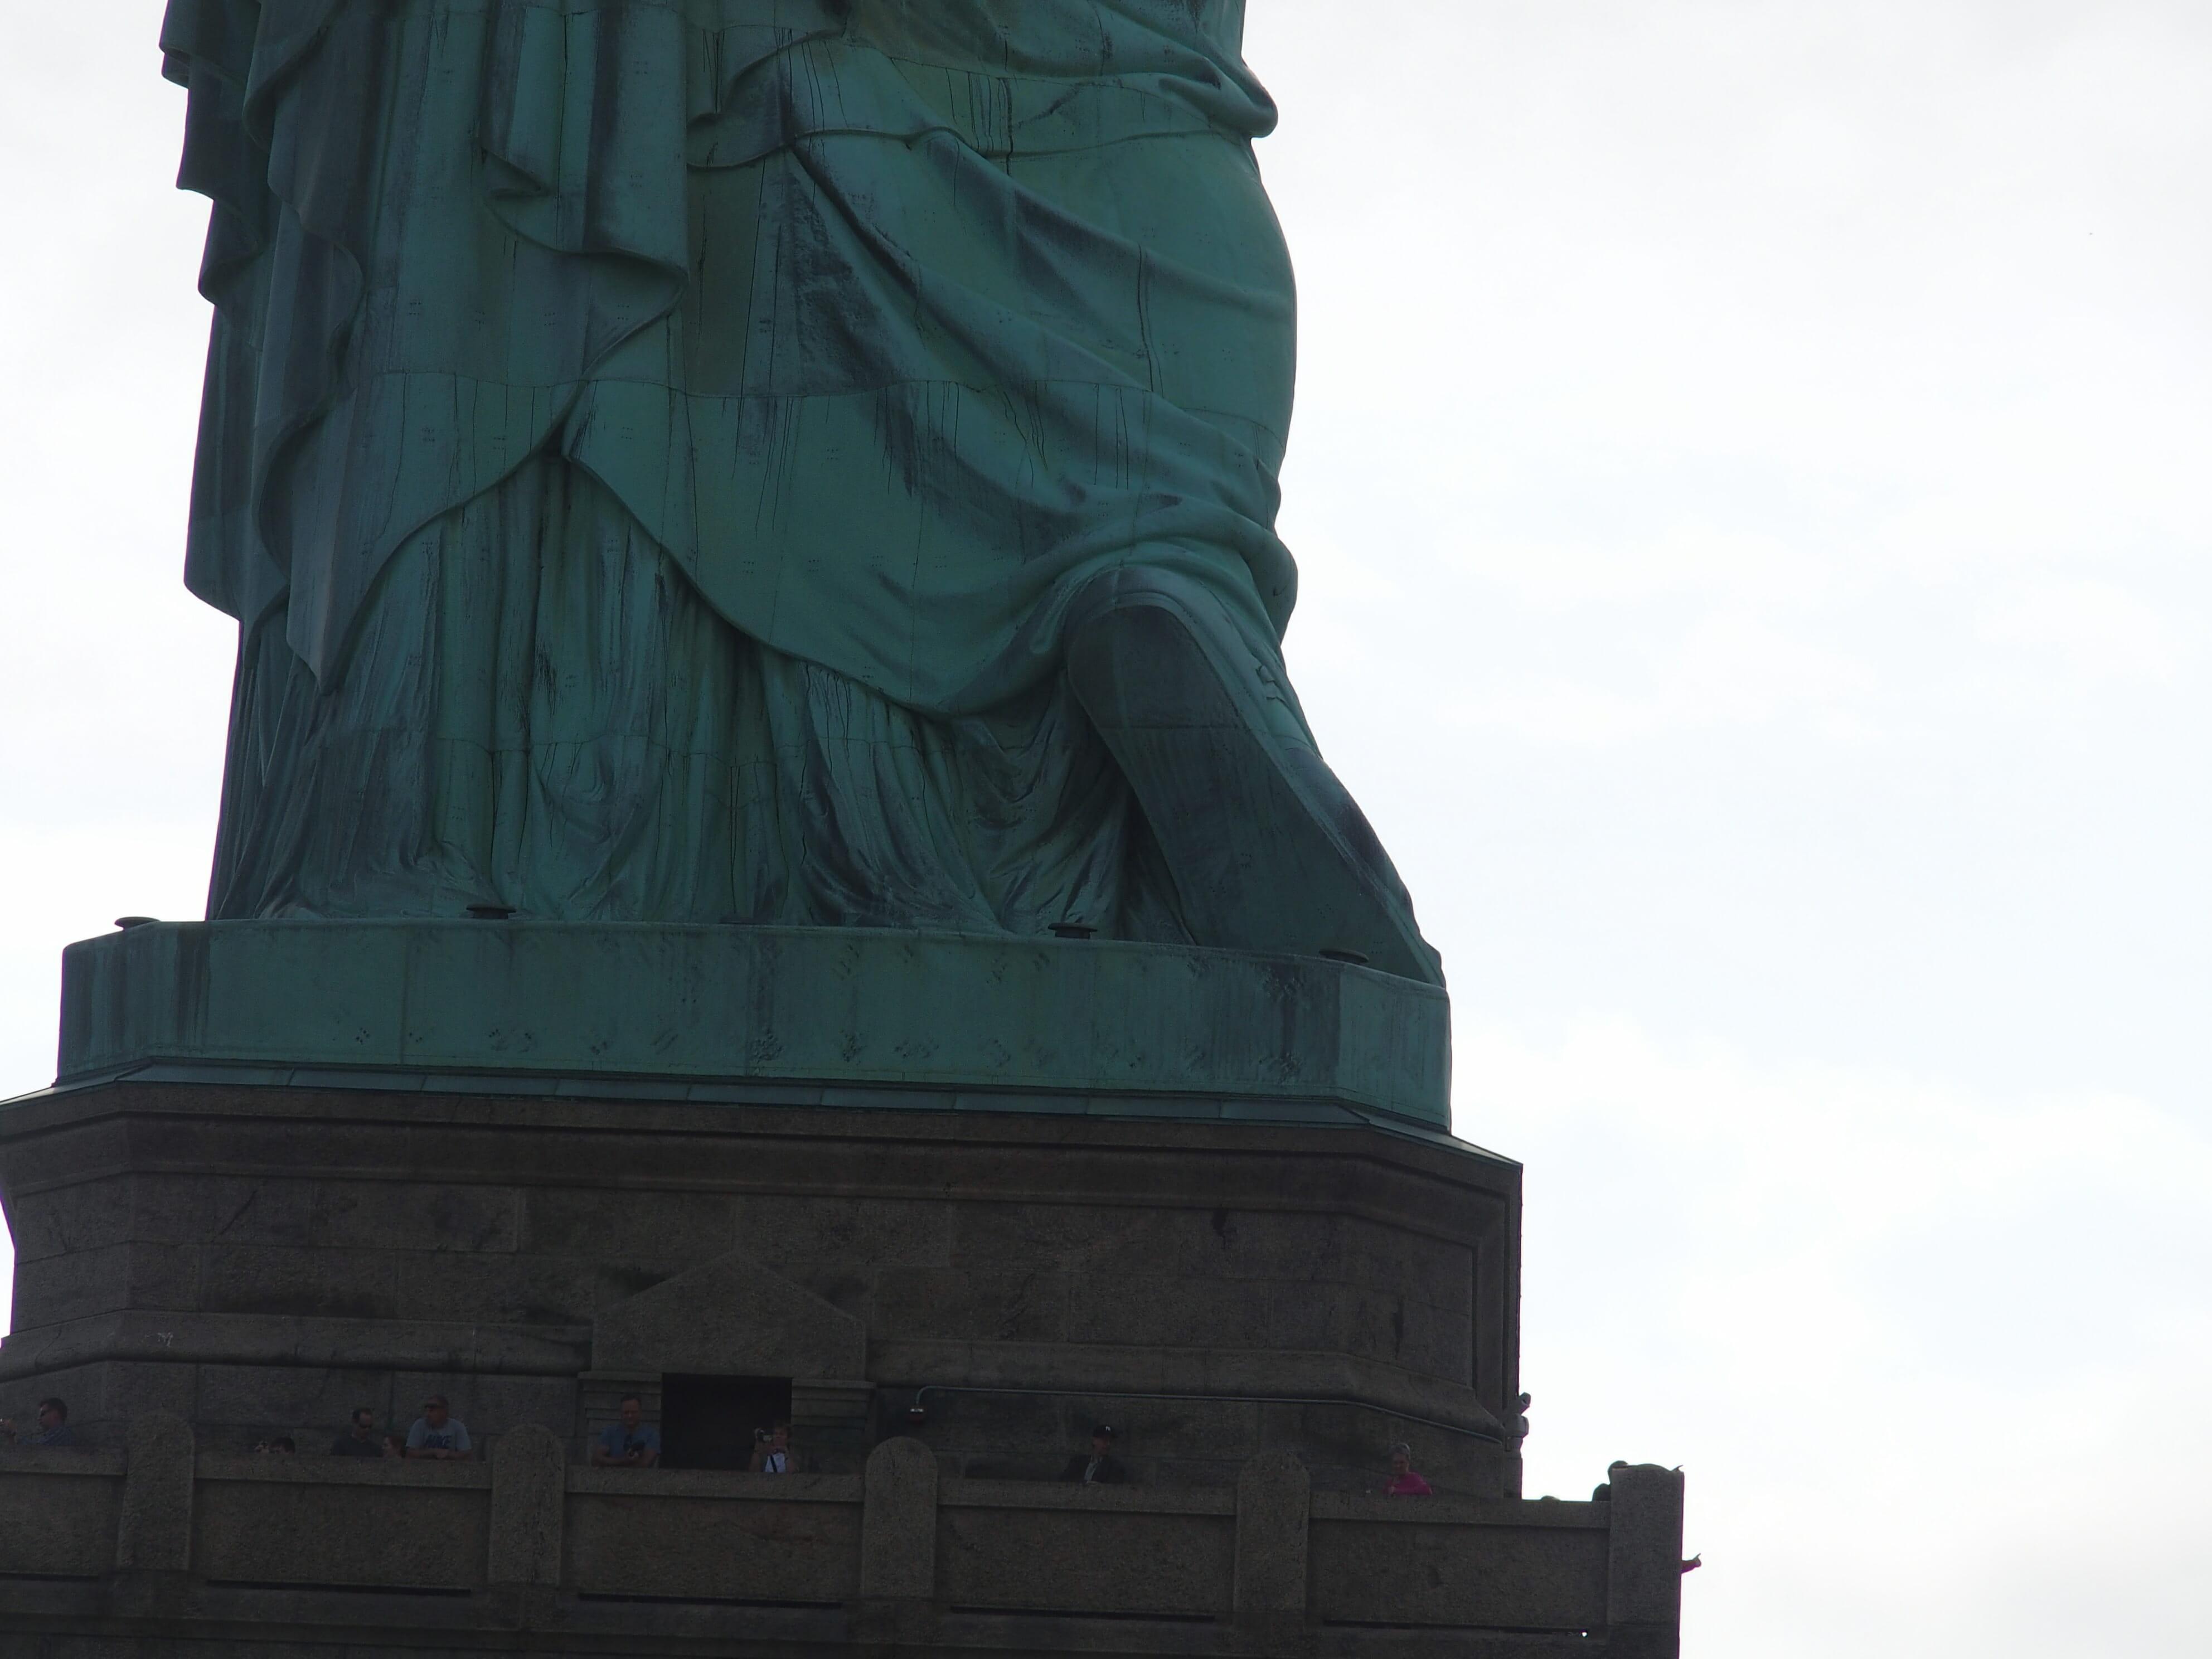 リバティ島からみた自由の女神